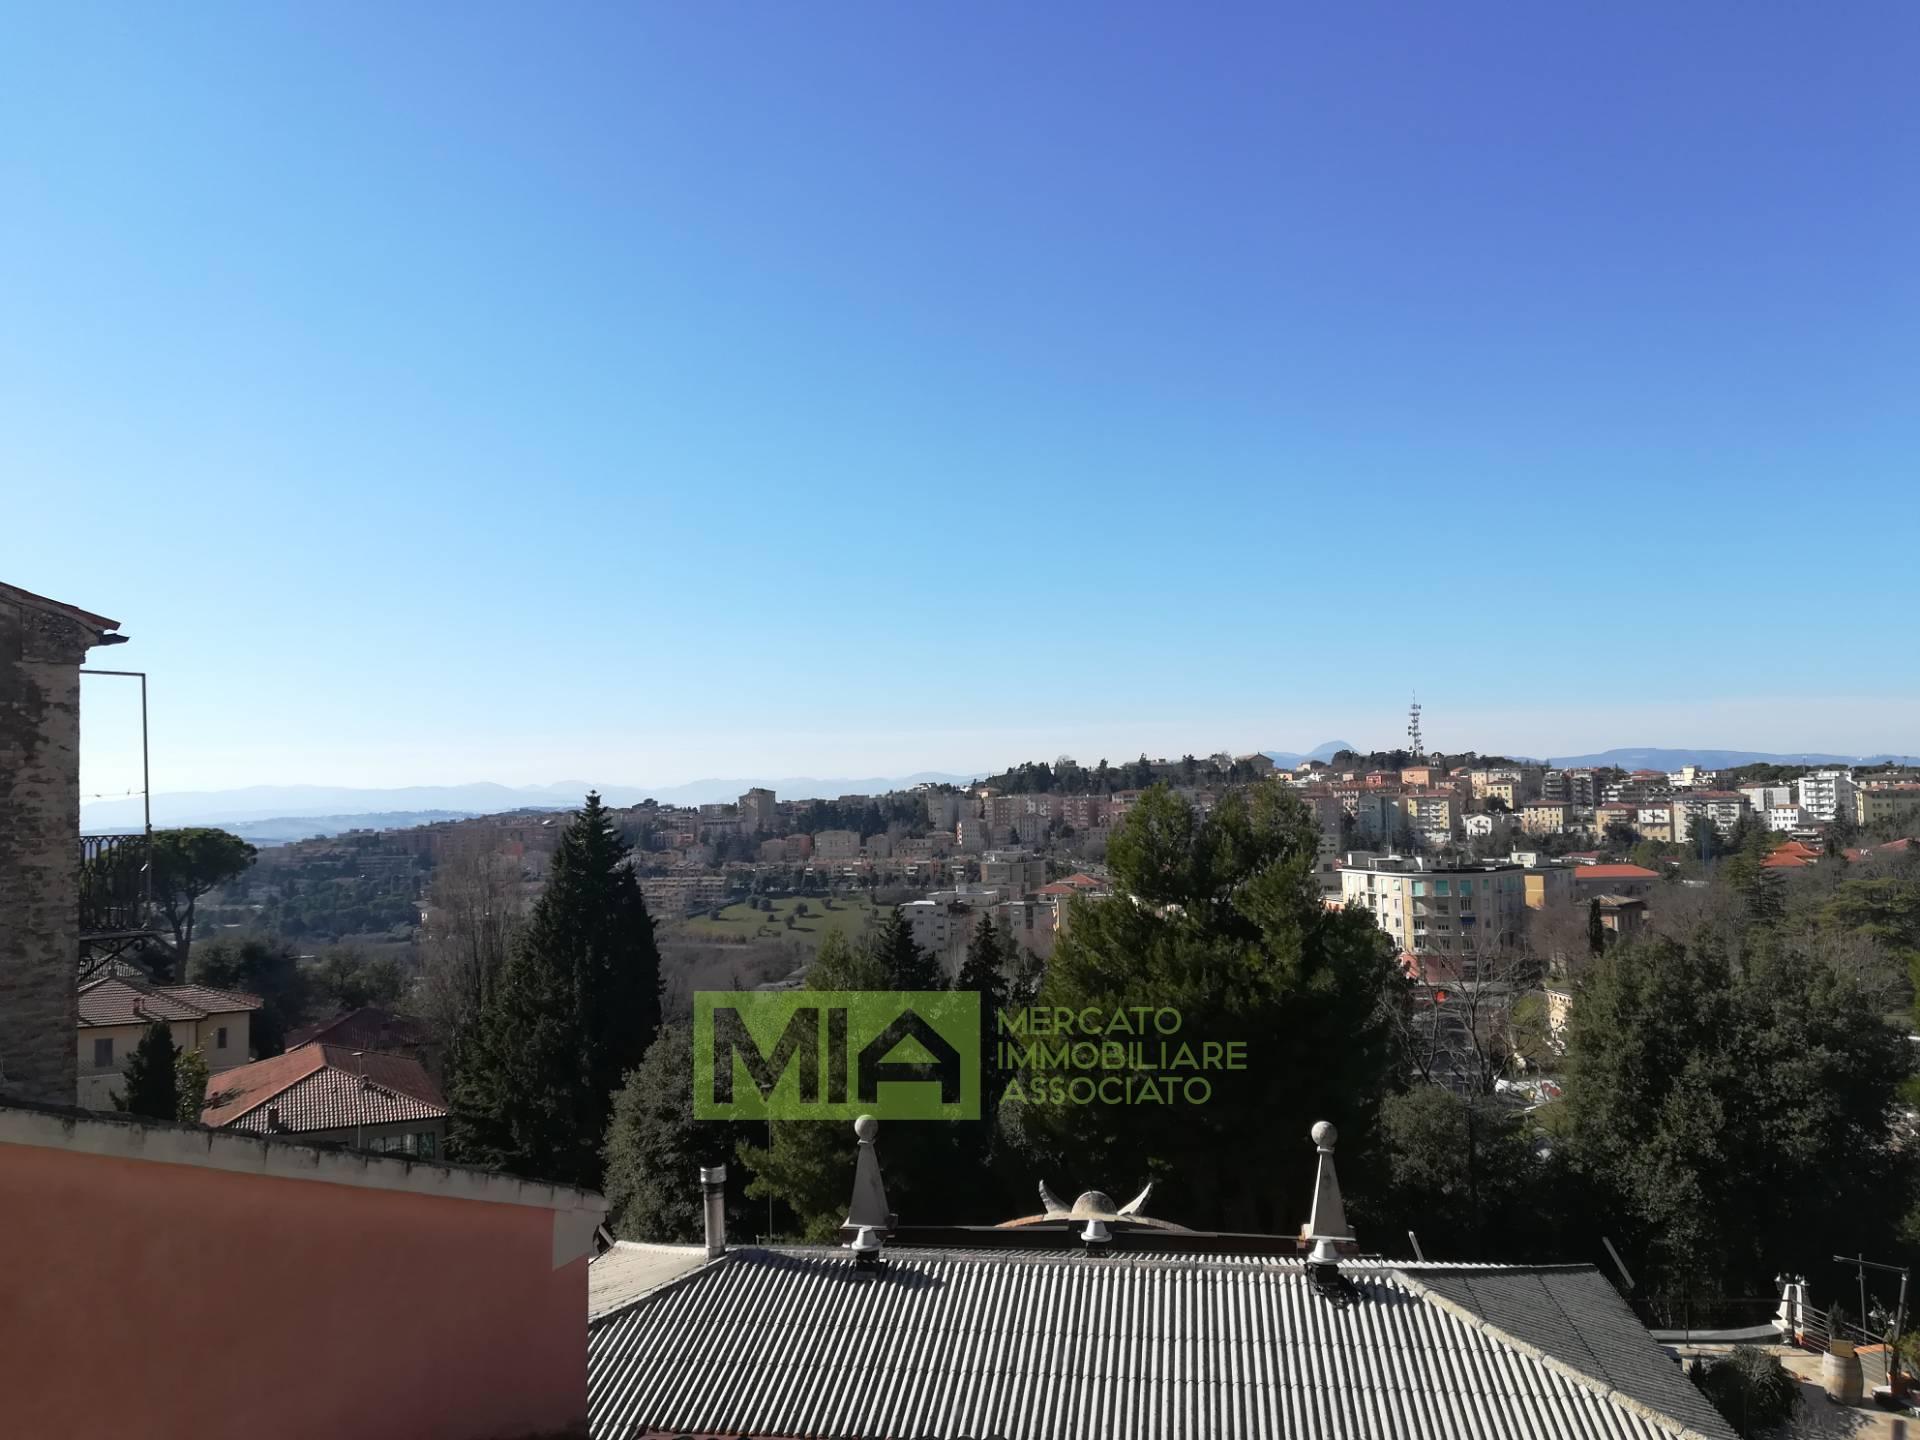 Appartamento in vendita a Macerata, 3 locali, zona Località: CENTRO, prezzo € 85.000 | CambioCasa.it